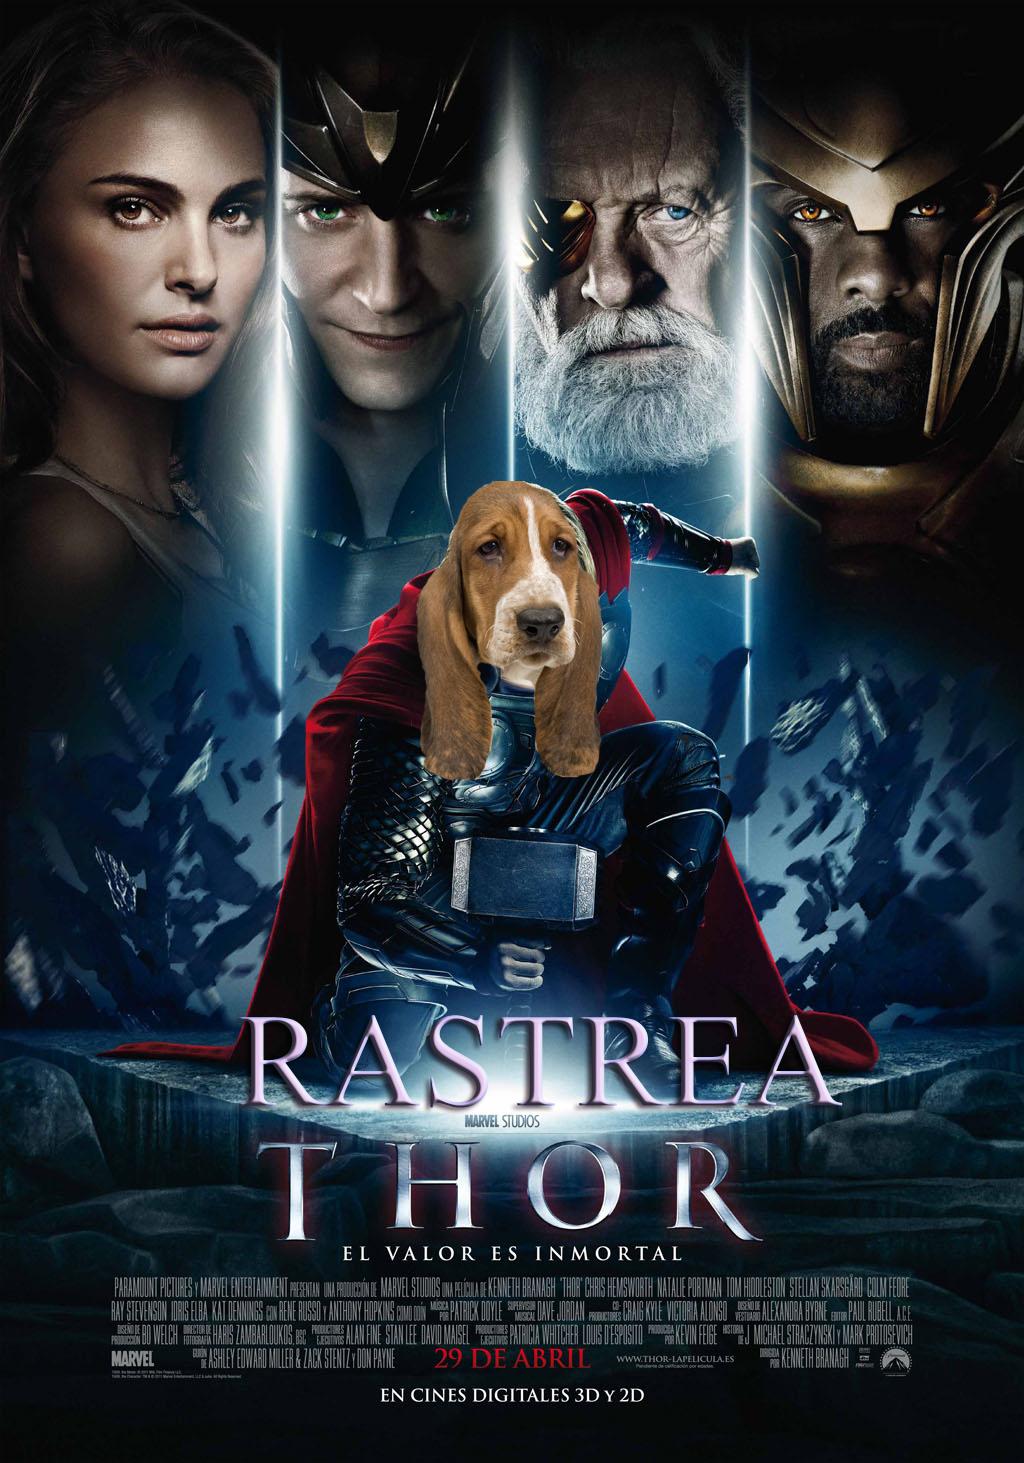 Las peliculas secuela de Thor Thor-Cartel2+copia